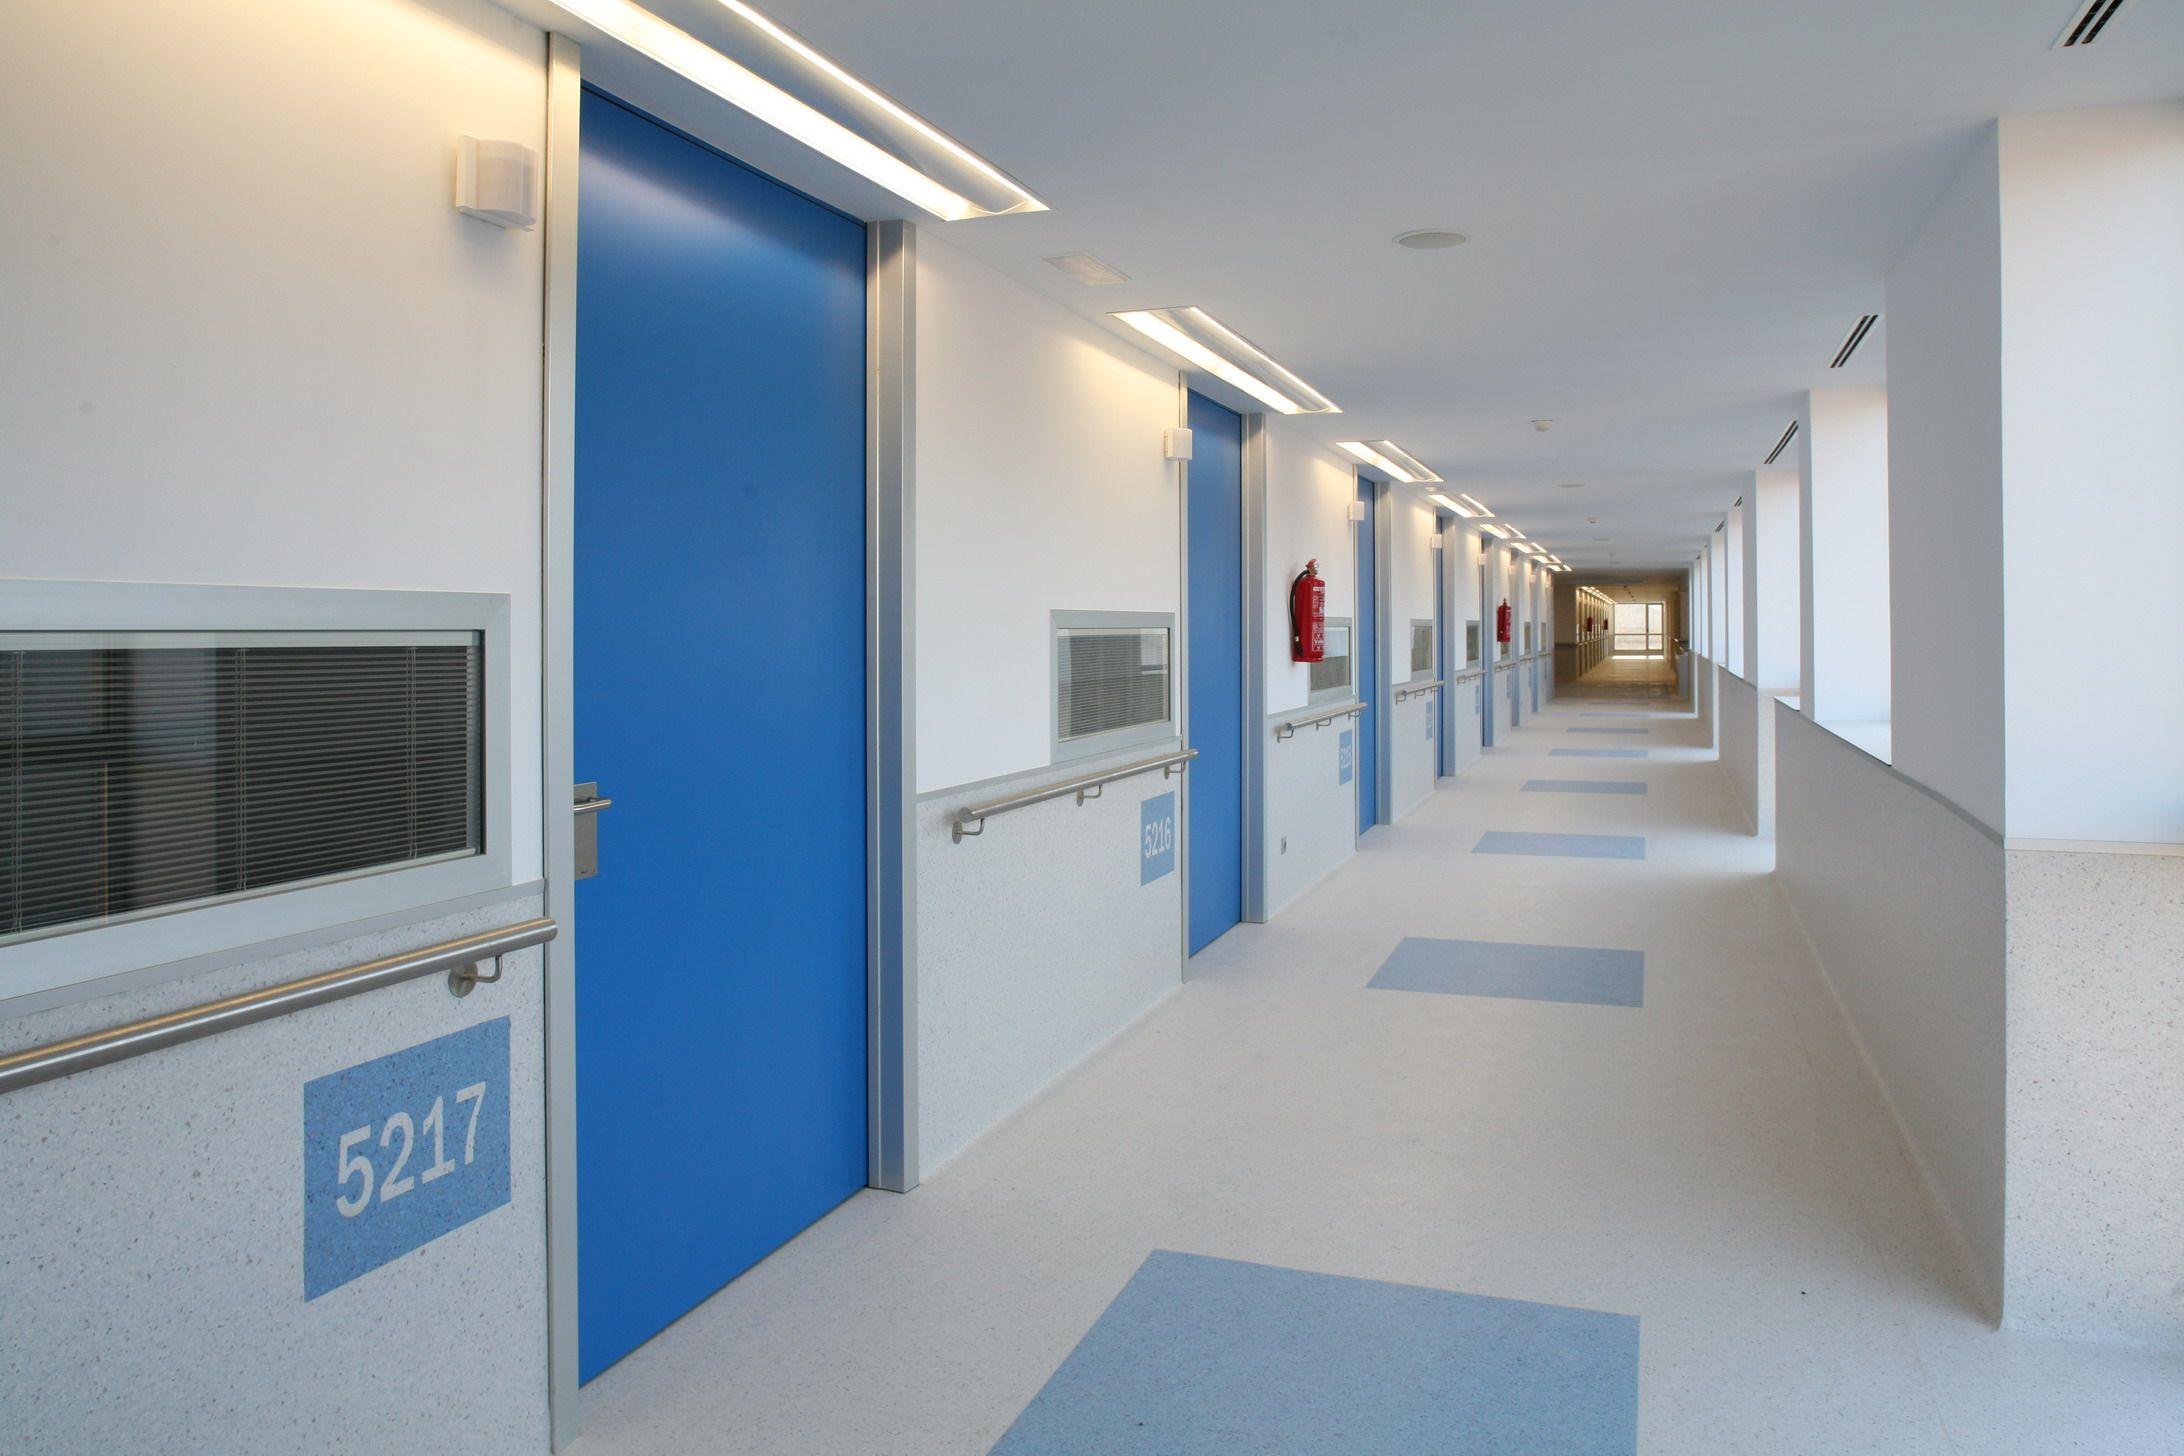 Hospital corridor google search architecture pinte for Chambre hopital design